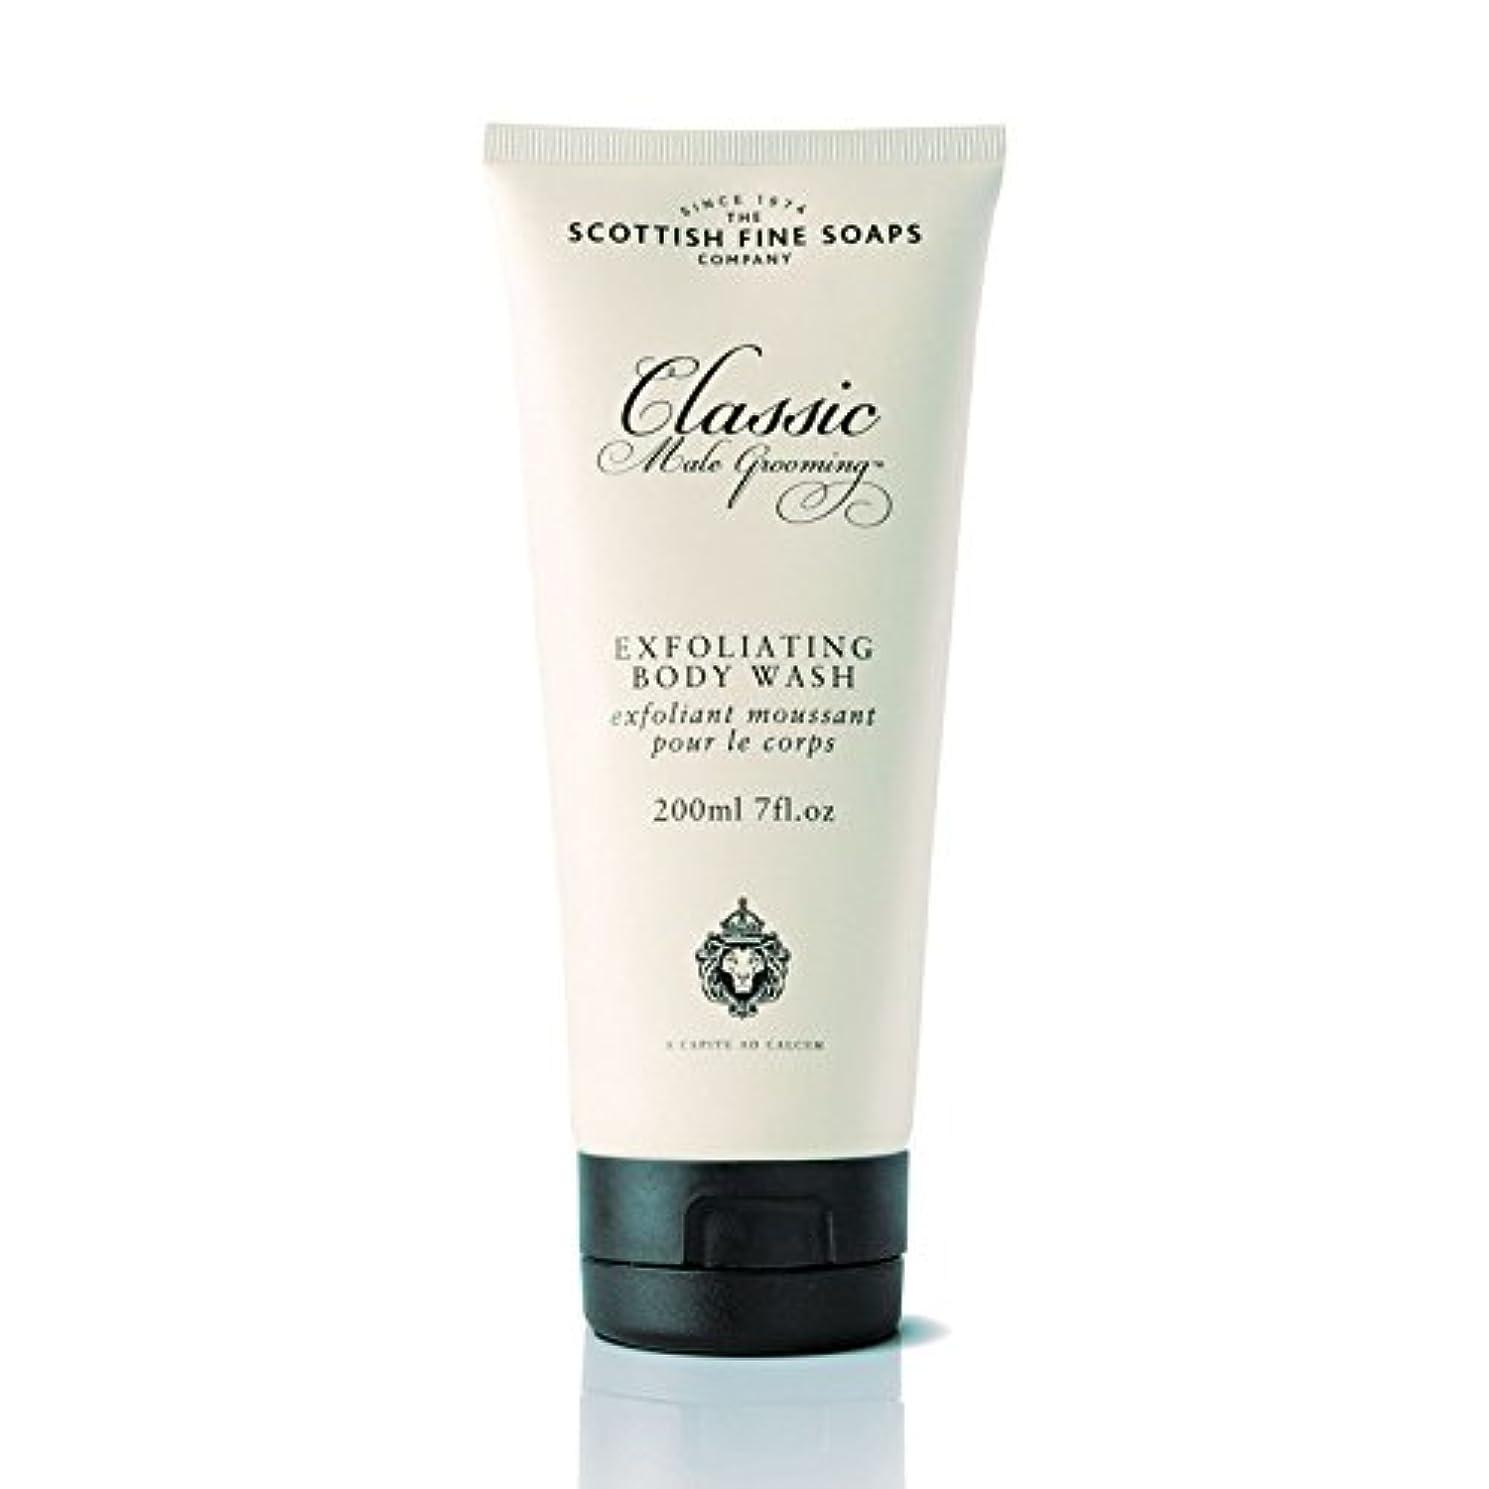 ハンマー息苦しい認可SCOTTISH FINE SOAPS(スコティッシュファインソープ) Classic Male Grooming(クラシックグルーミングシリーズ) ボディウォッシュ 200ml 5016365002509